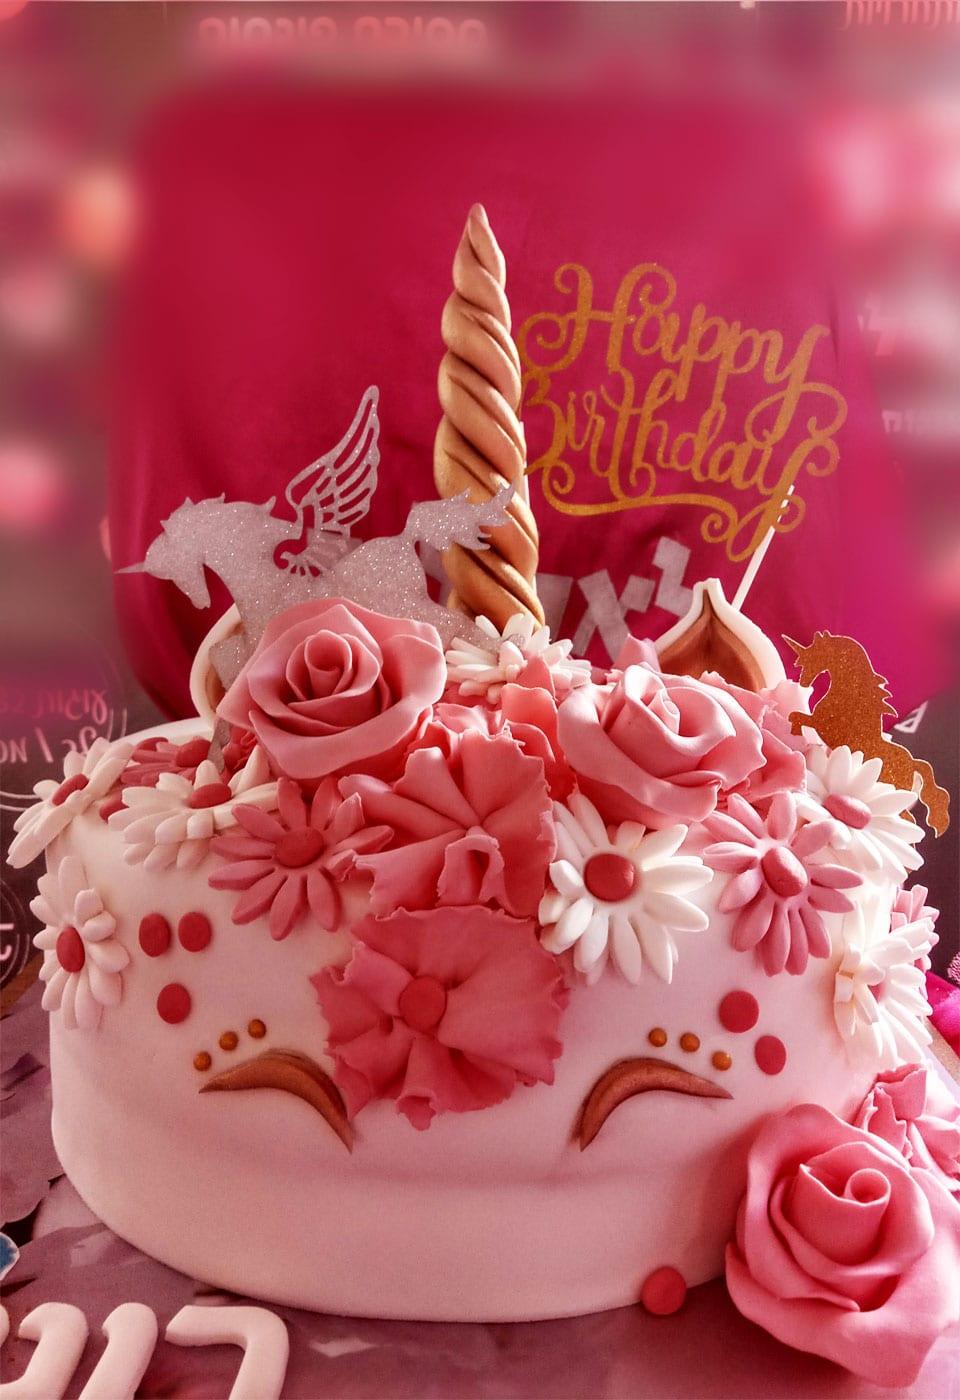 עוגת בצק סוכר חד קרן לאלילנד